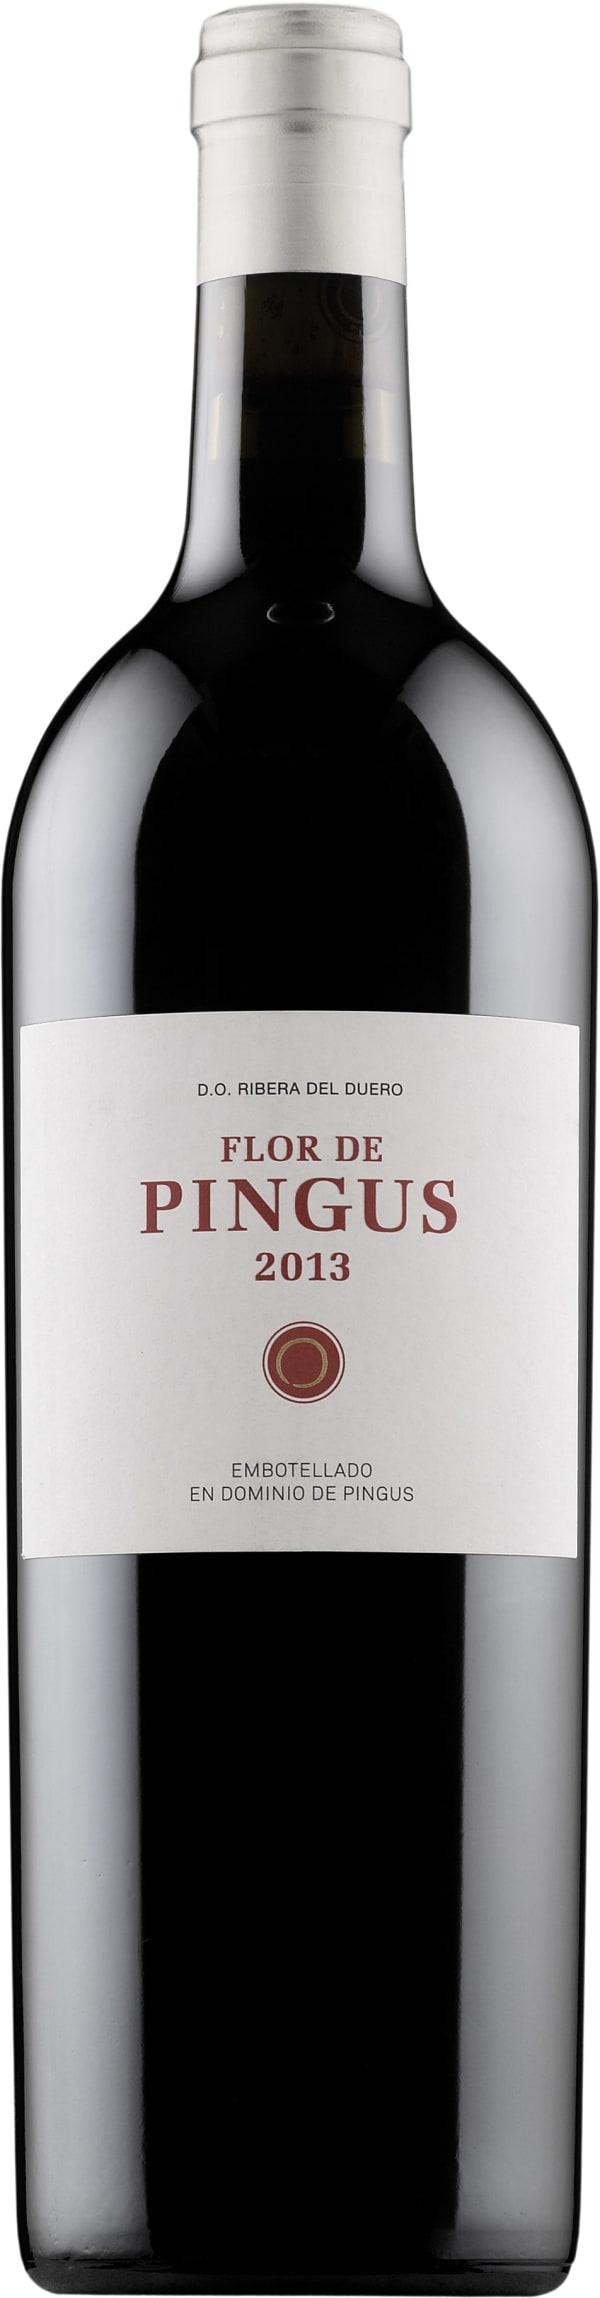 Flor de Pingus 2013